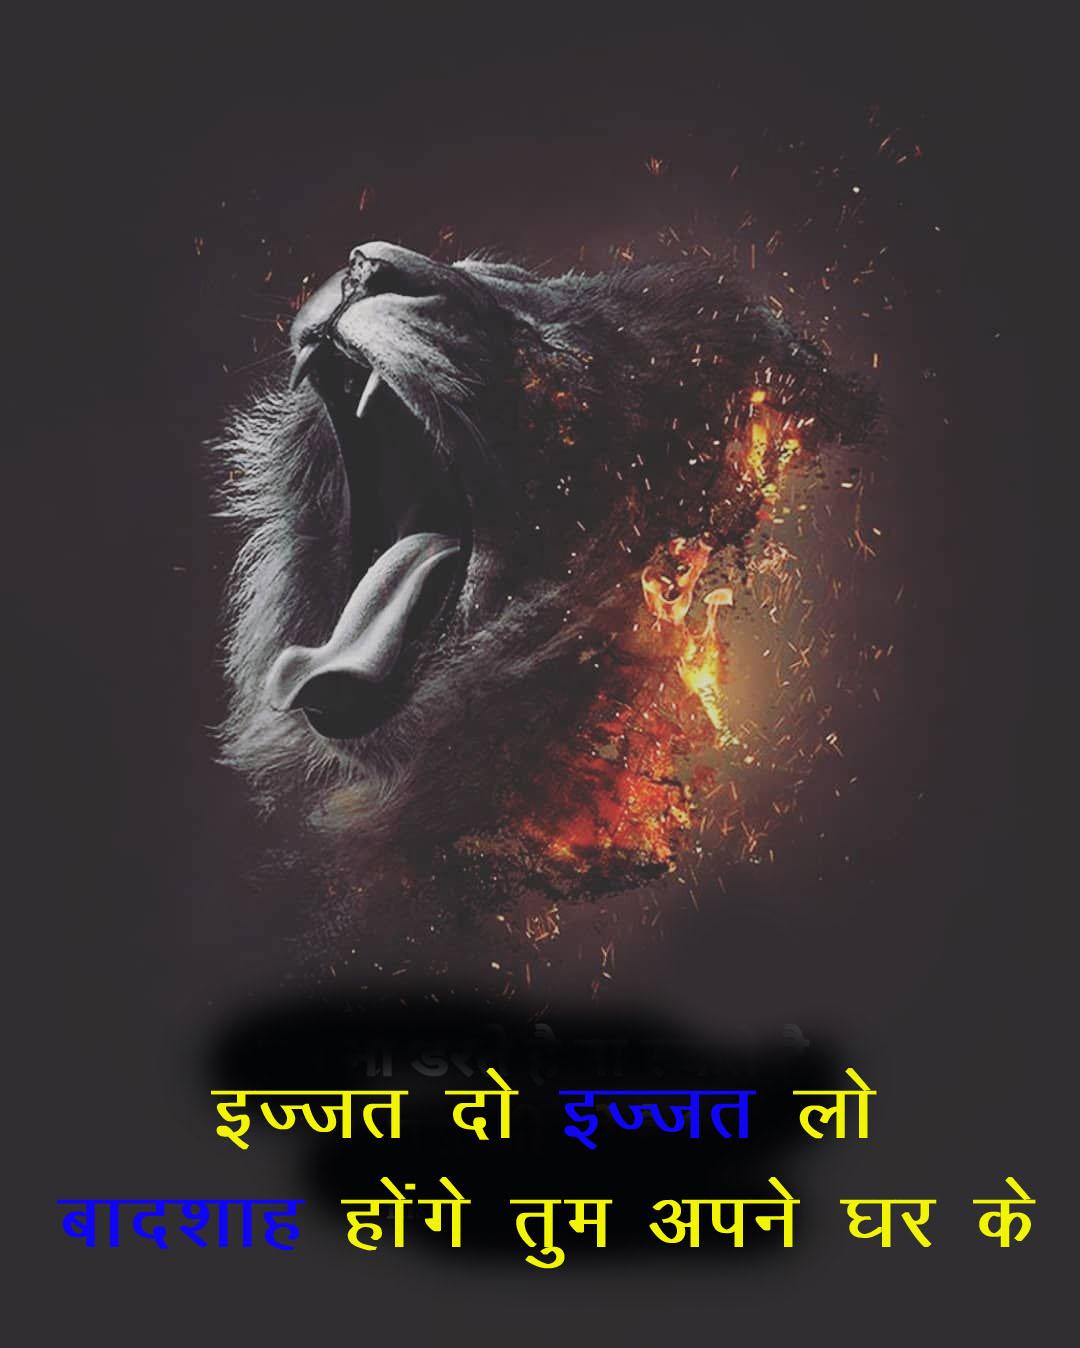 Hindi Royal Attitude Status Whatsapp DP Pics Download